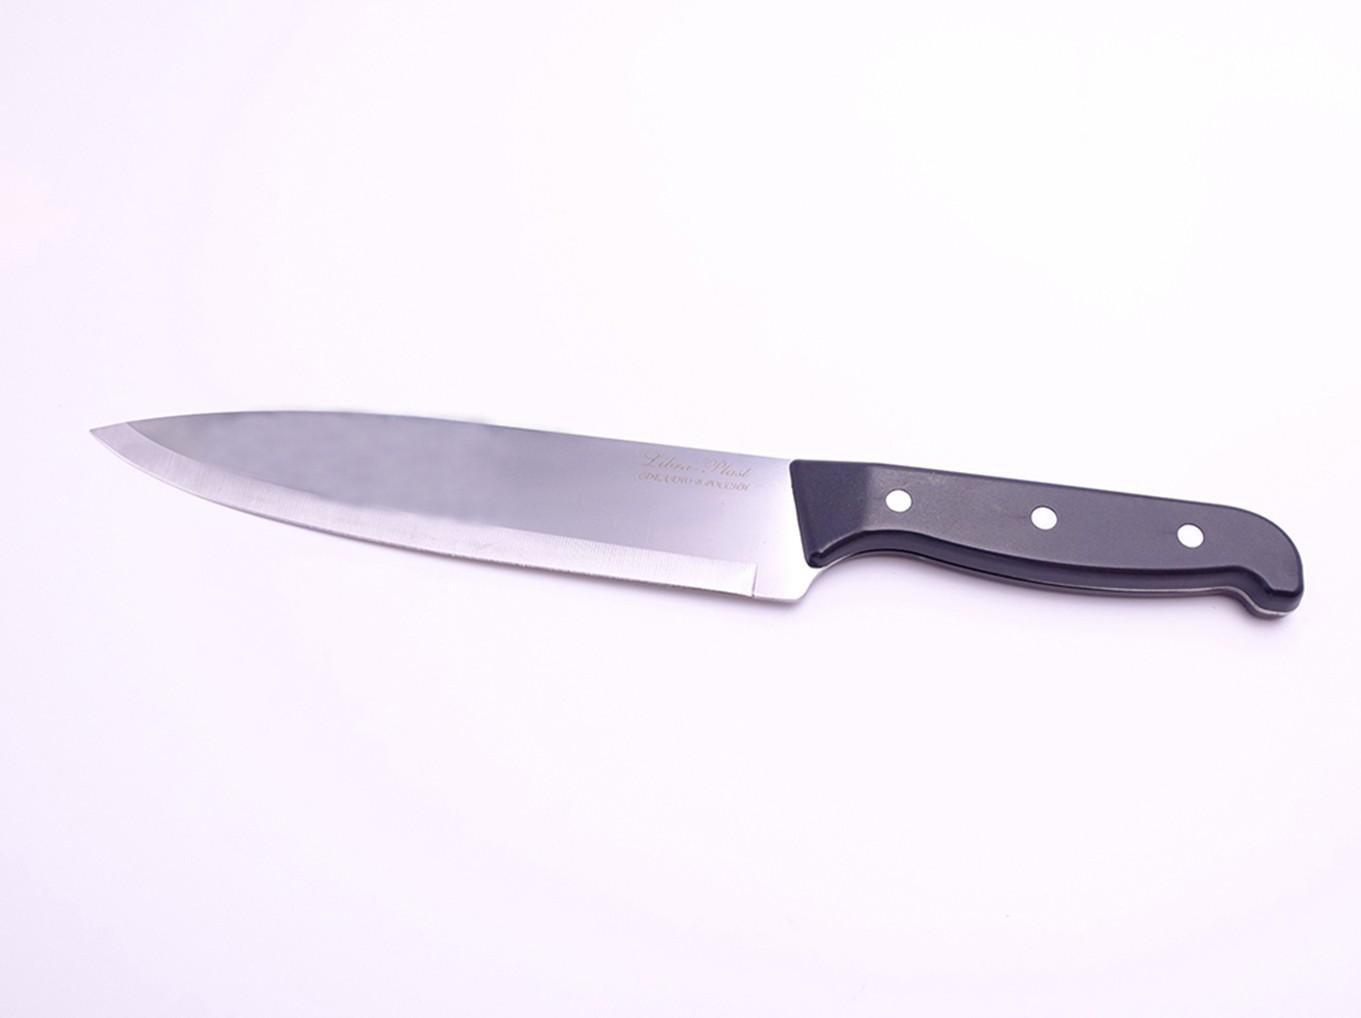 Шеф-нож большой с пластиковой ручкой 30см КН-108